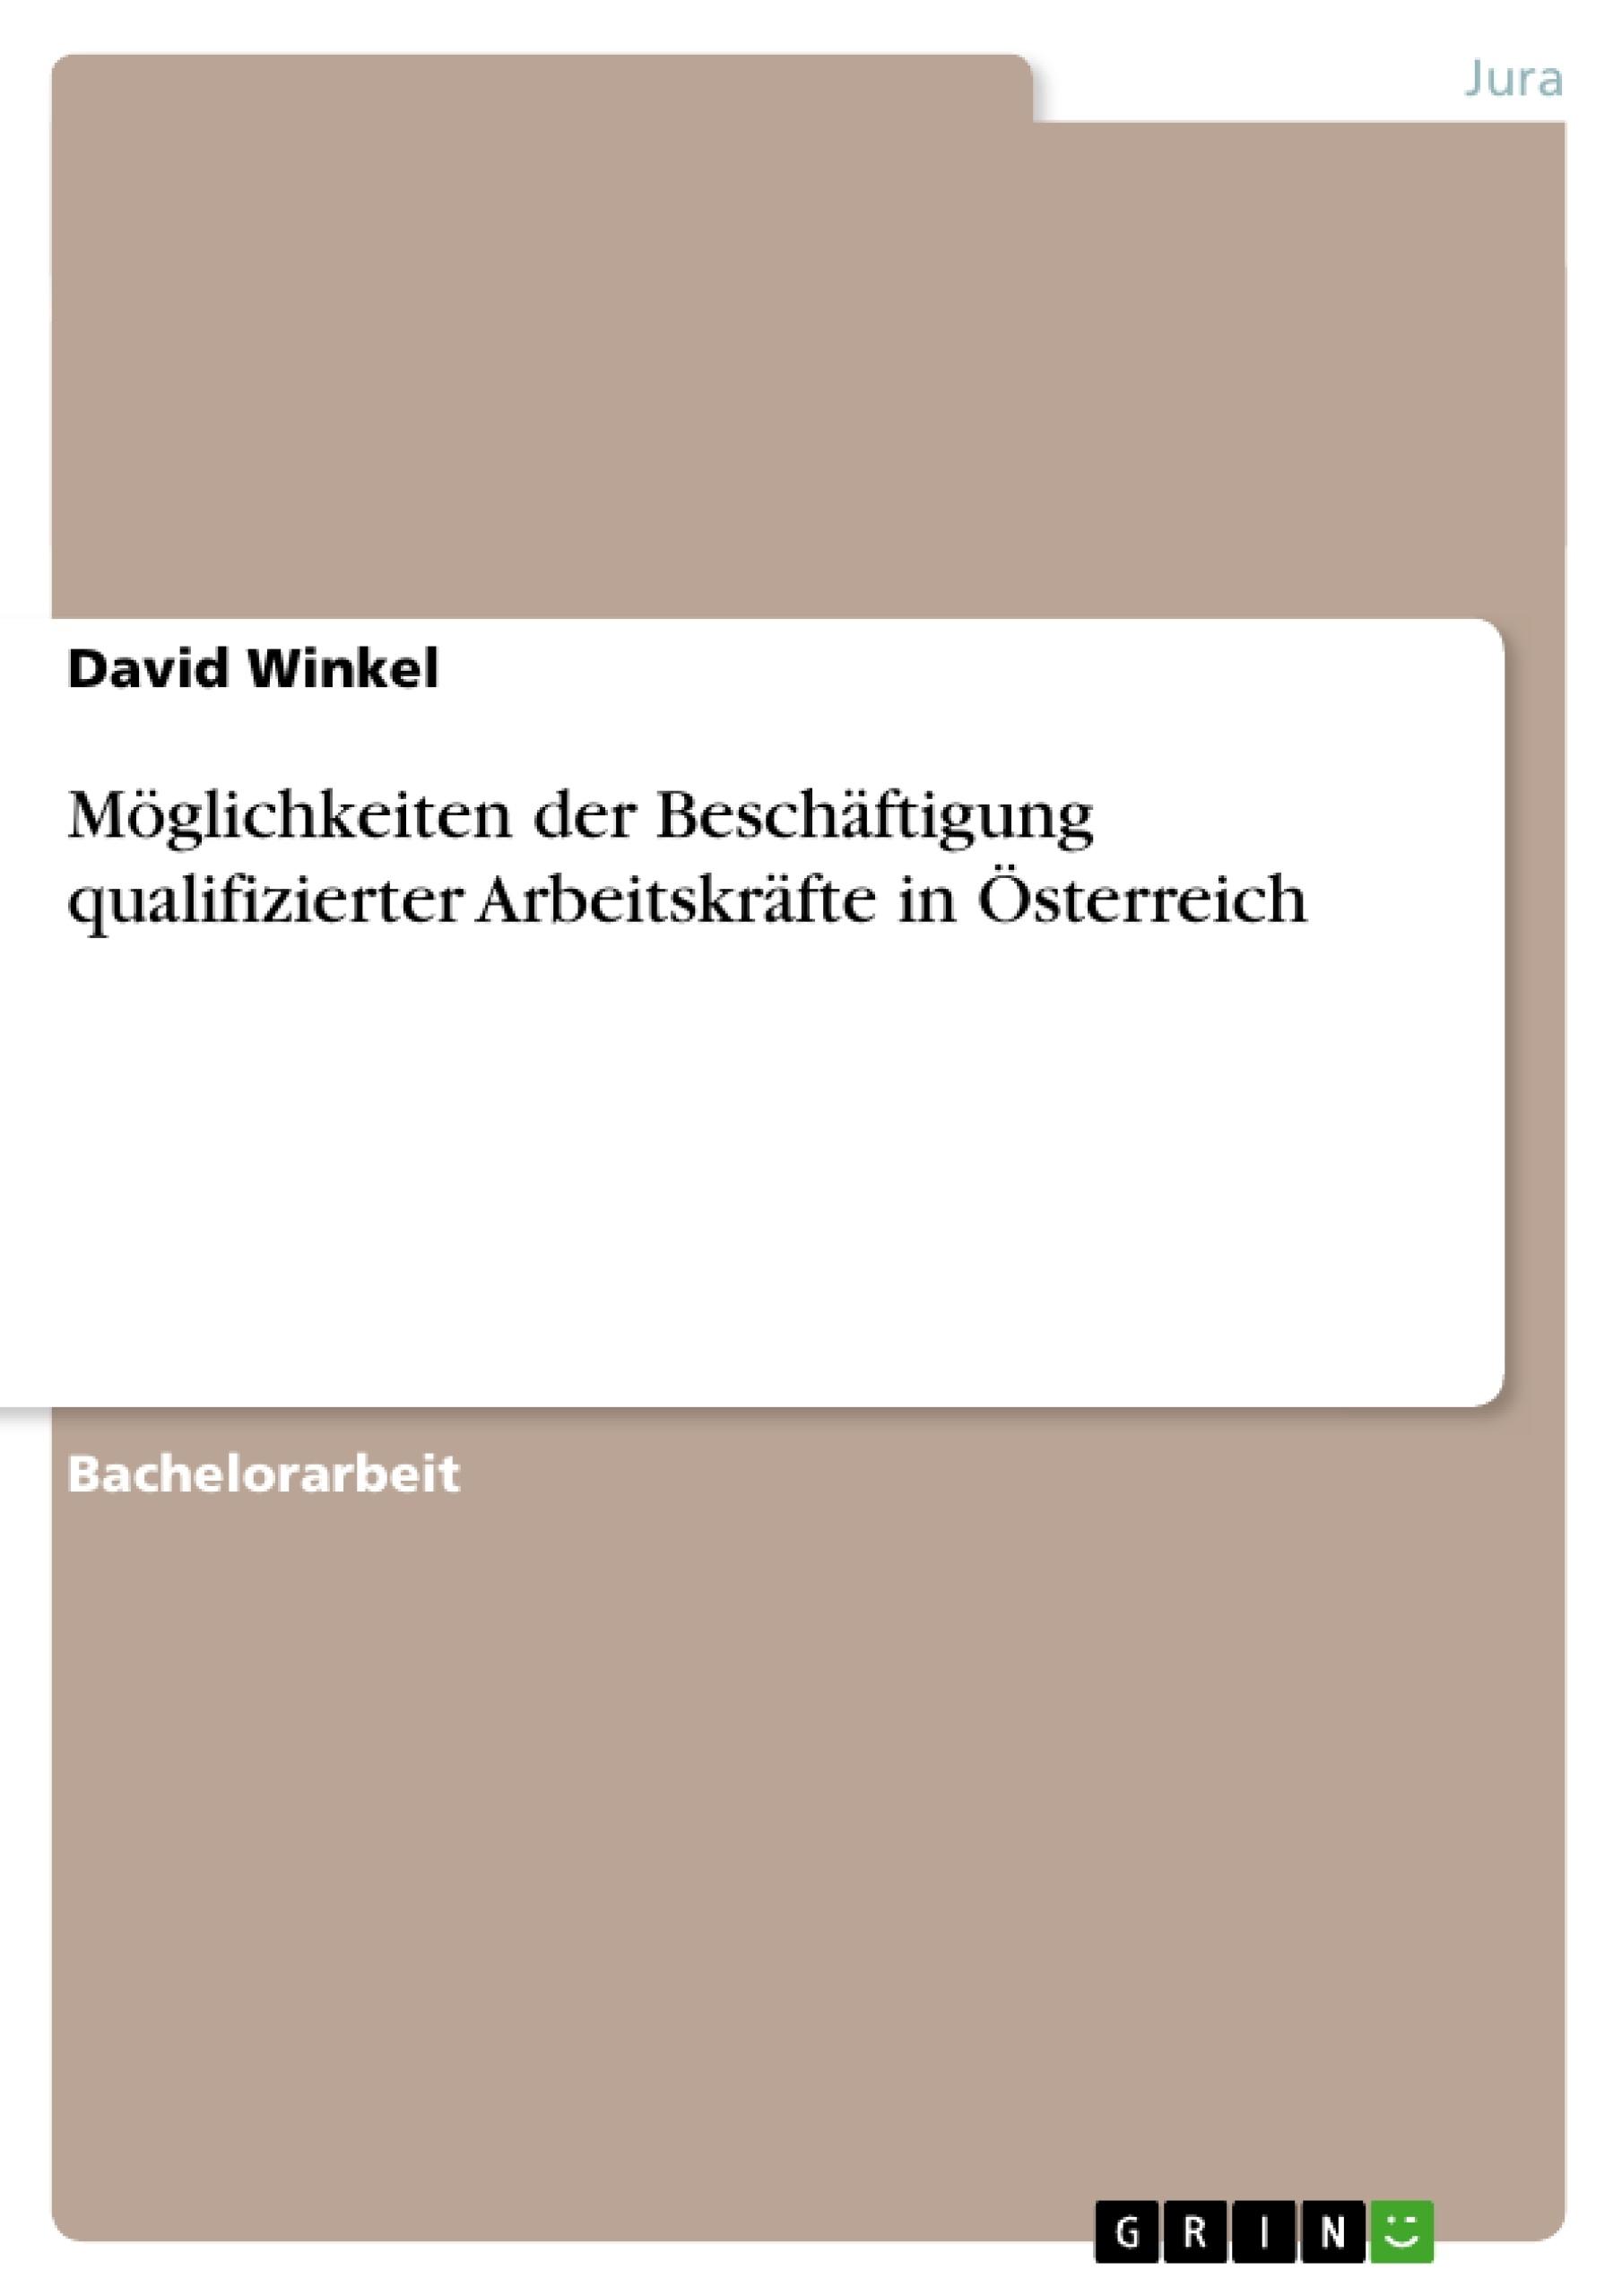 Titel: Möglichkeiten der Beschäftigung qualifizierter Arbeitskräfte in Österreich